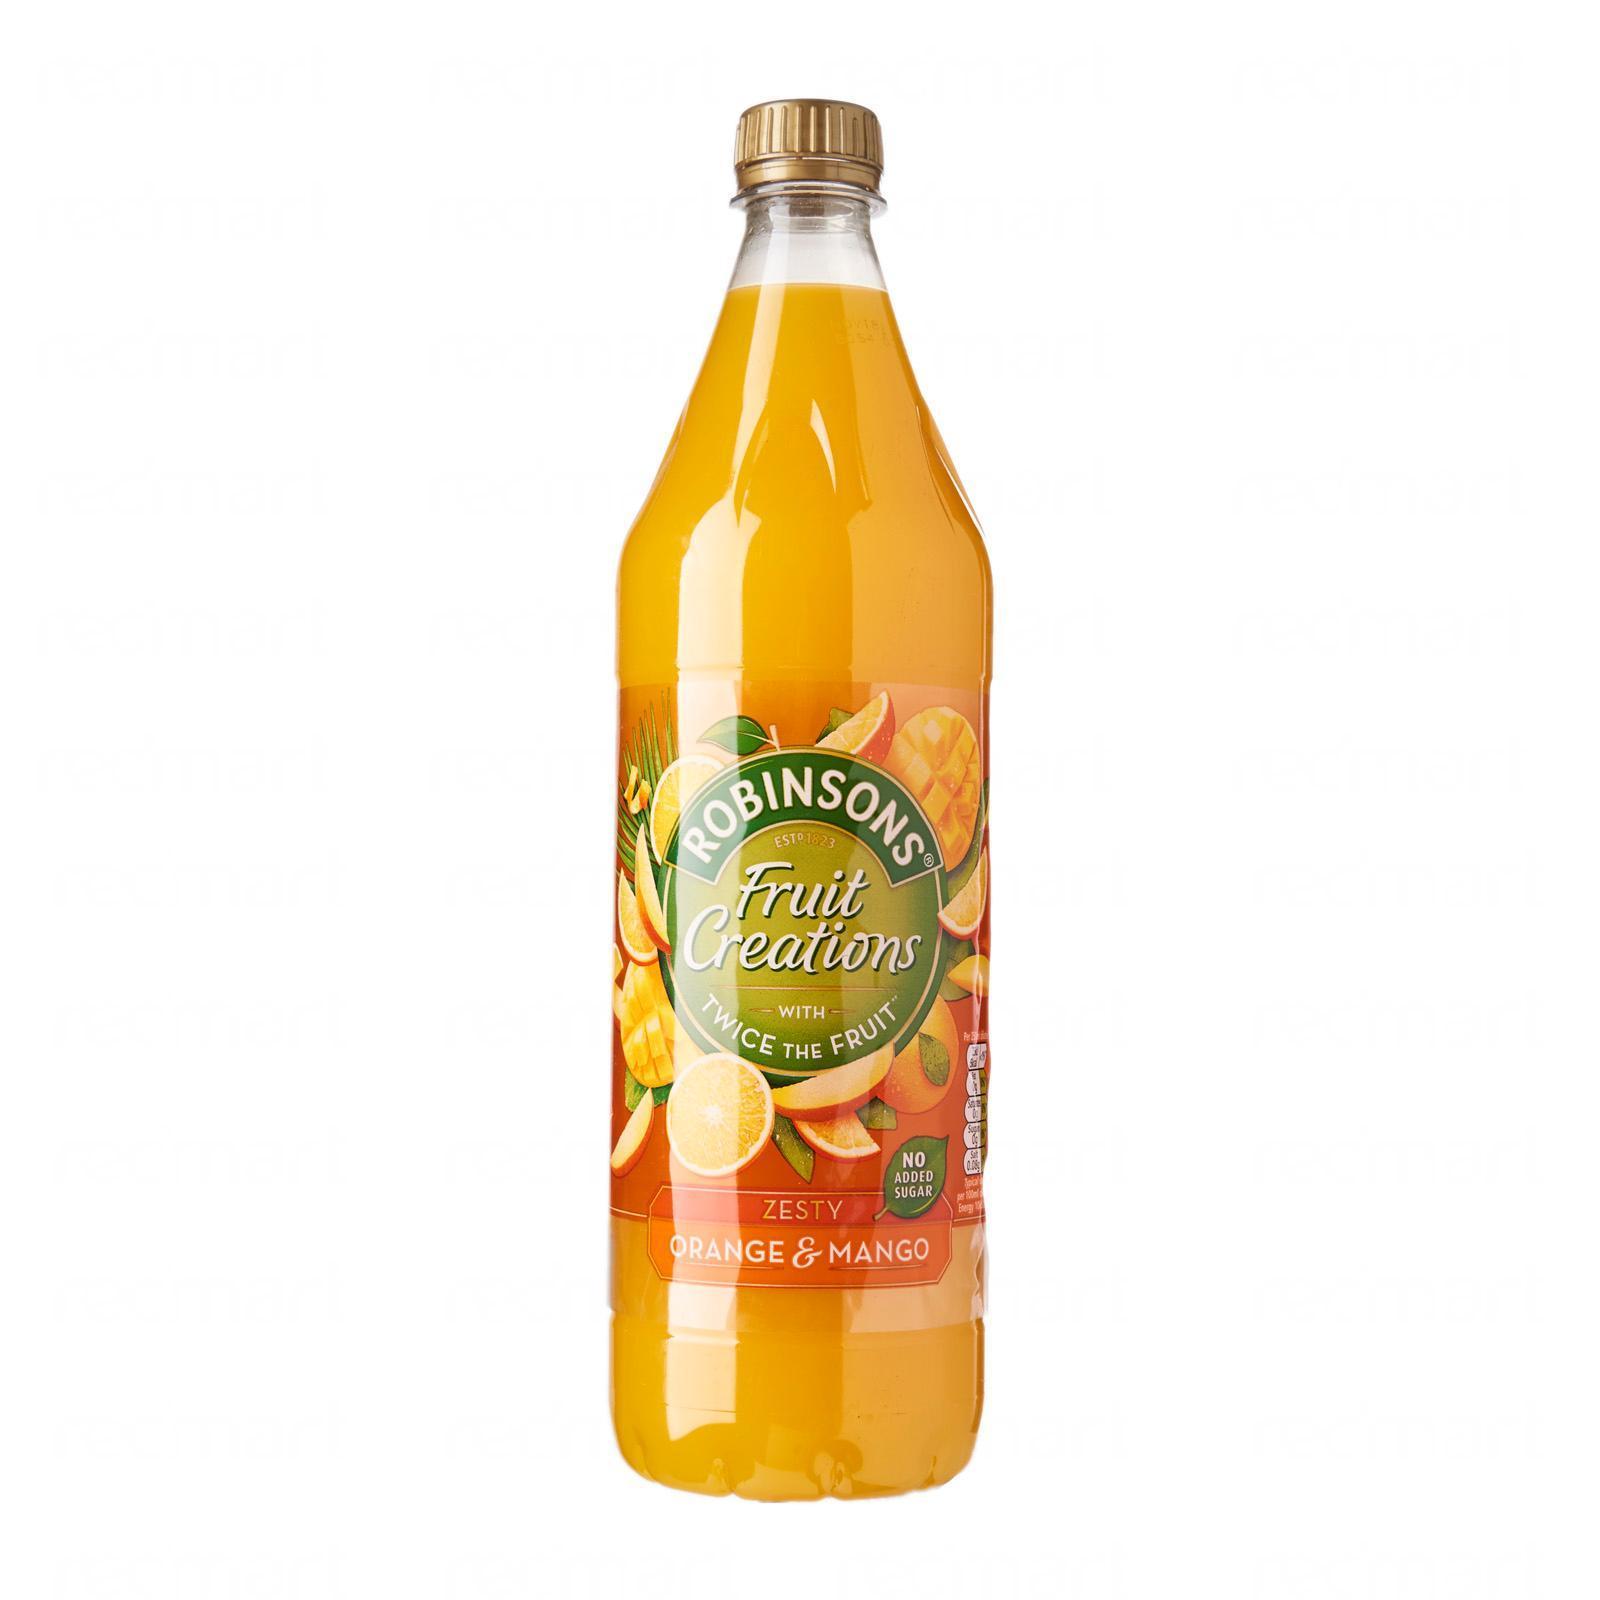 Robinsons Fruit Creations Zesty Orange And Mango Juice